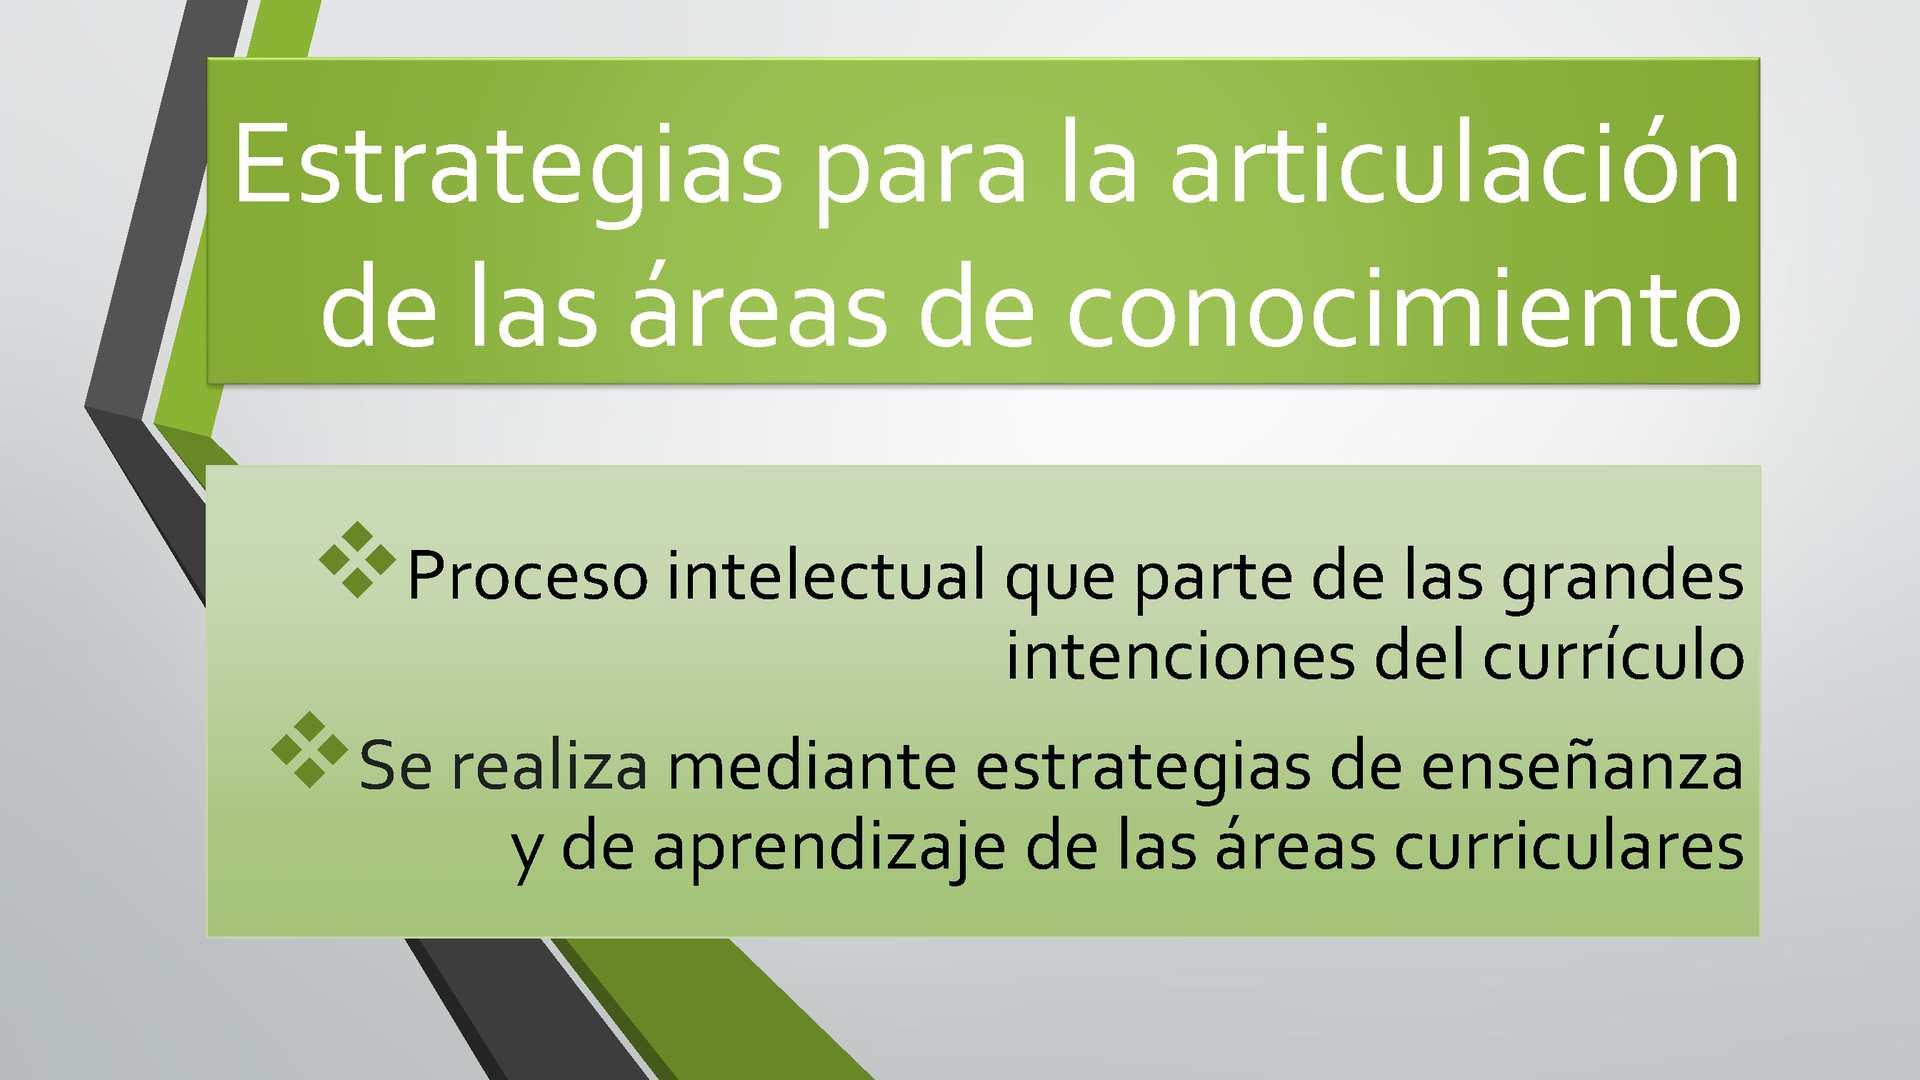 Calaméo - Estrategias para la articulación de las áreas curriculares